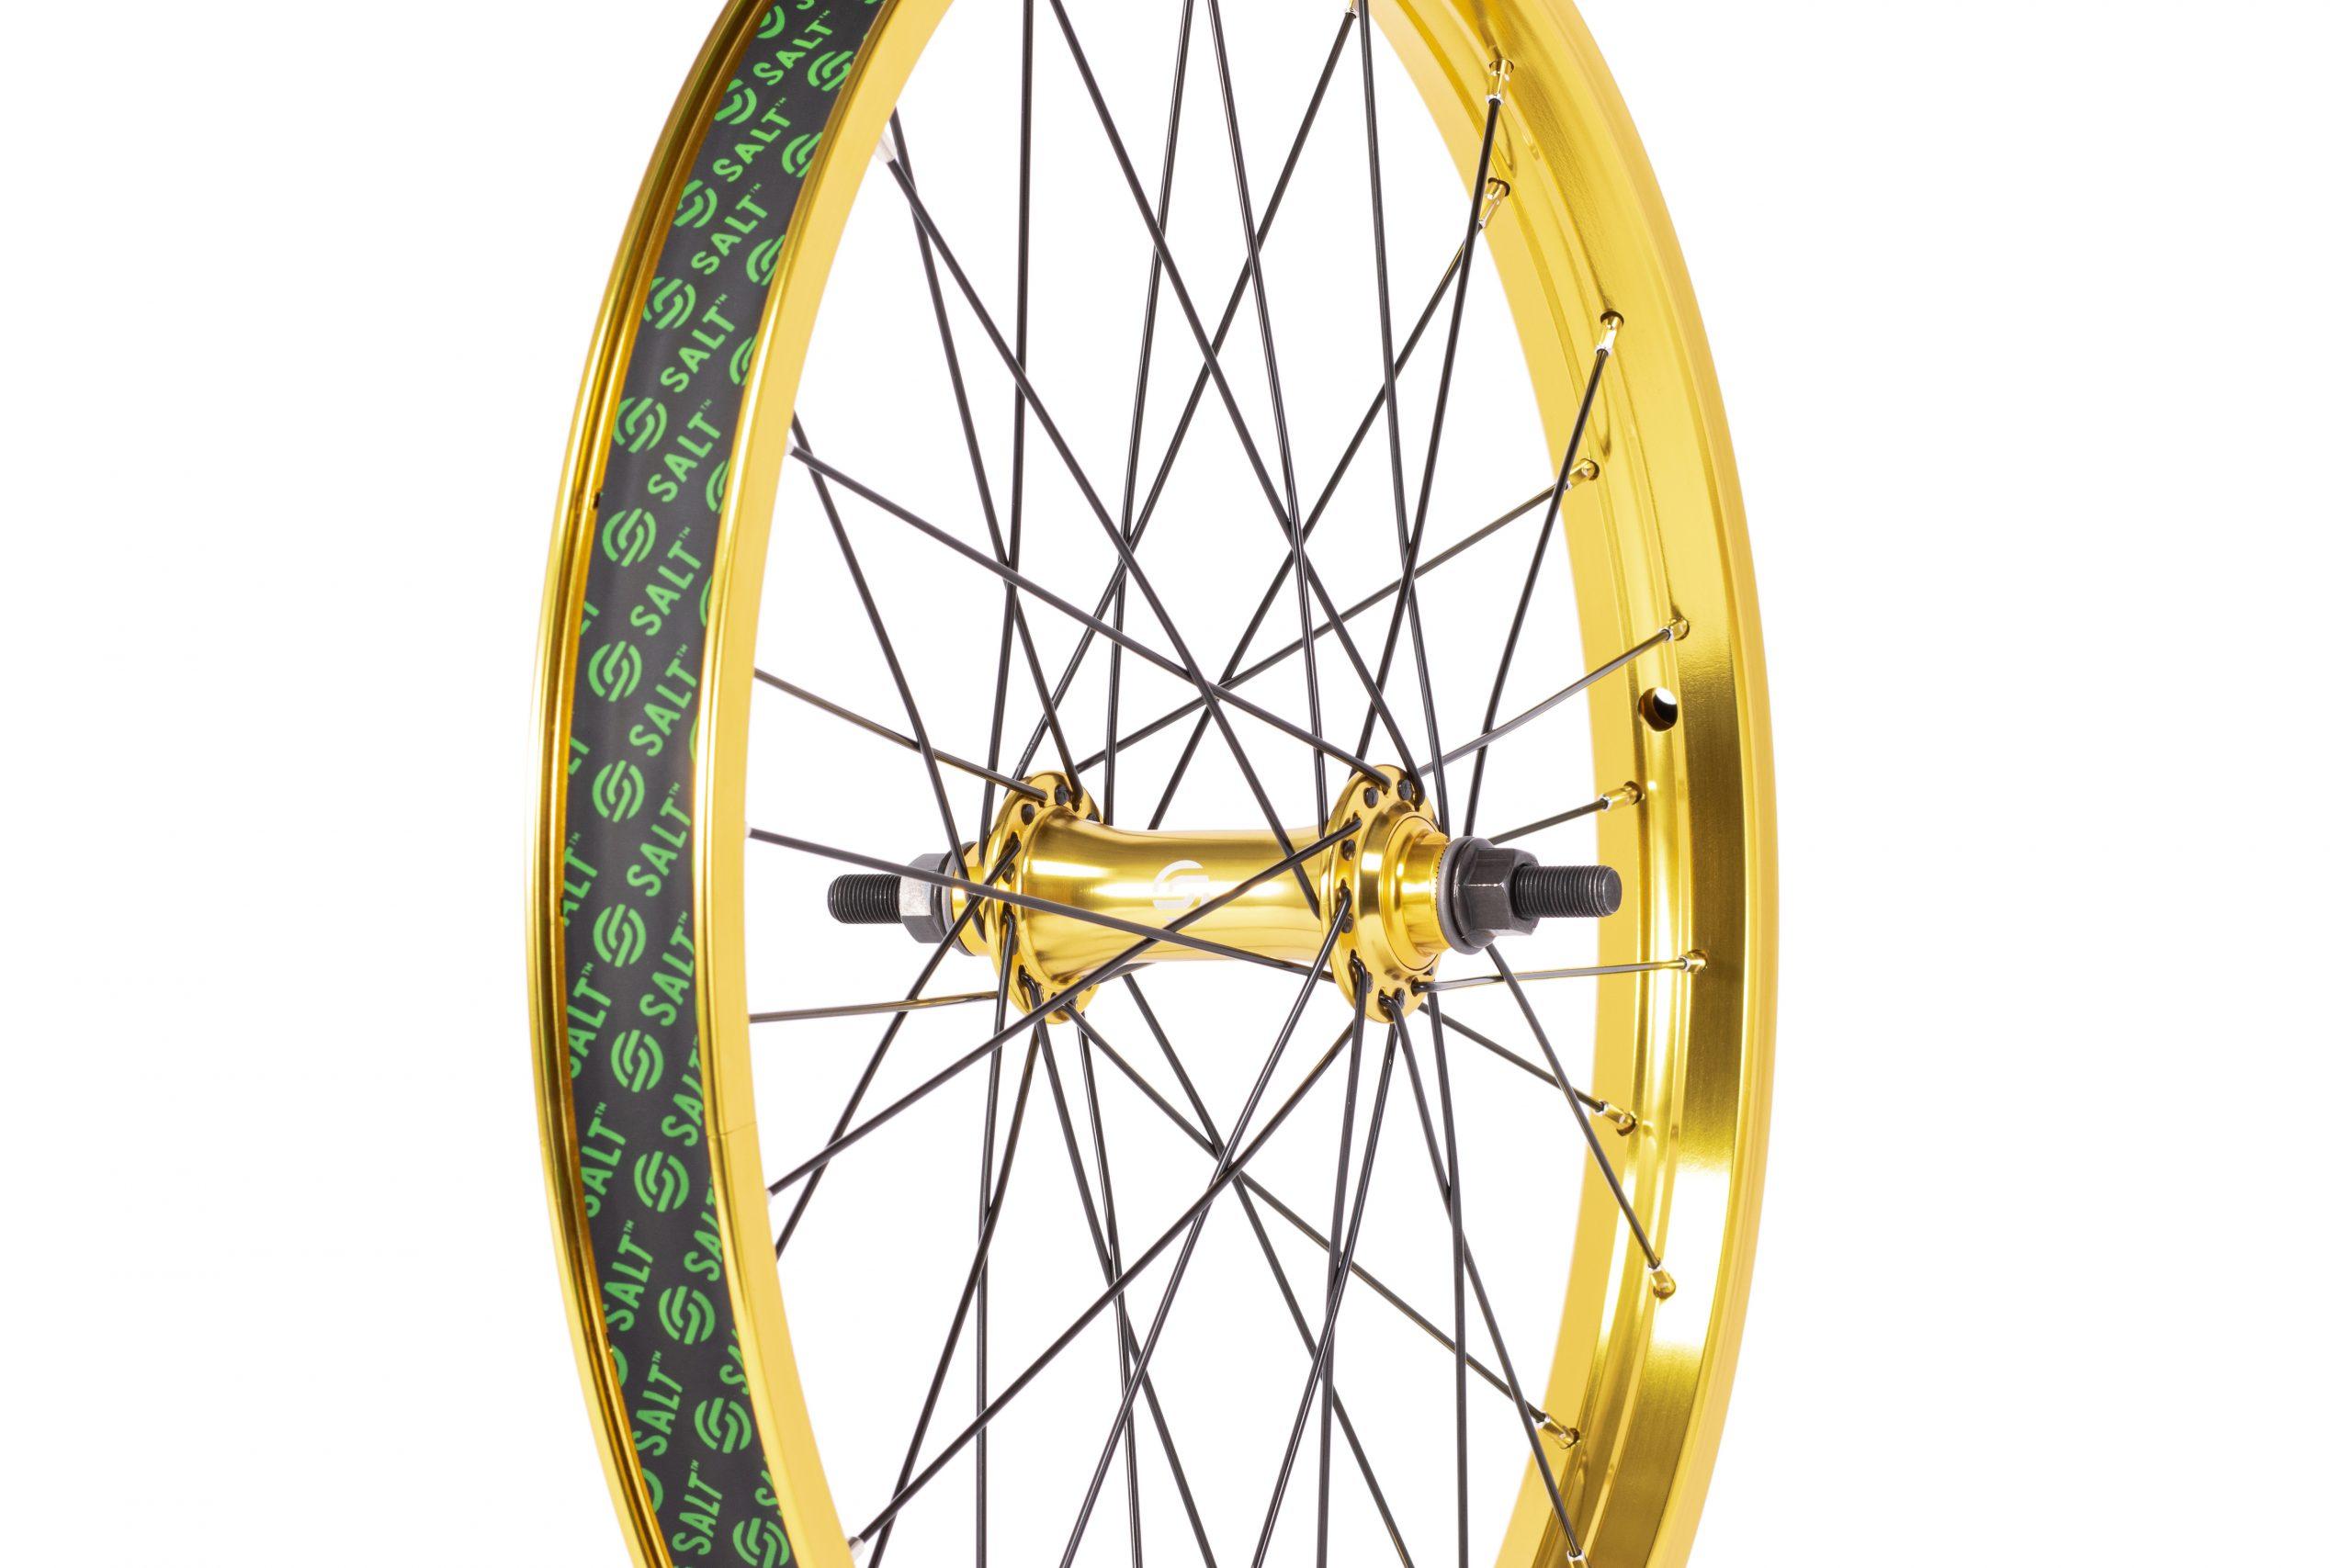 Salt_Everest_front_wheel_gold-03